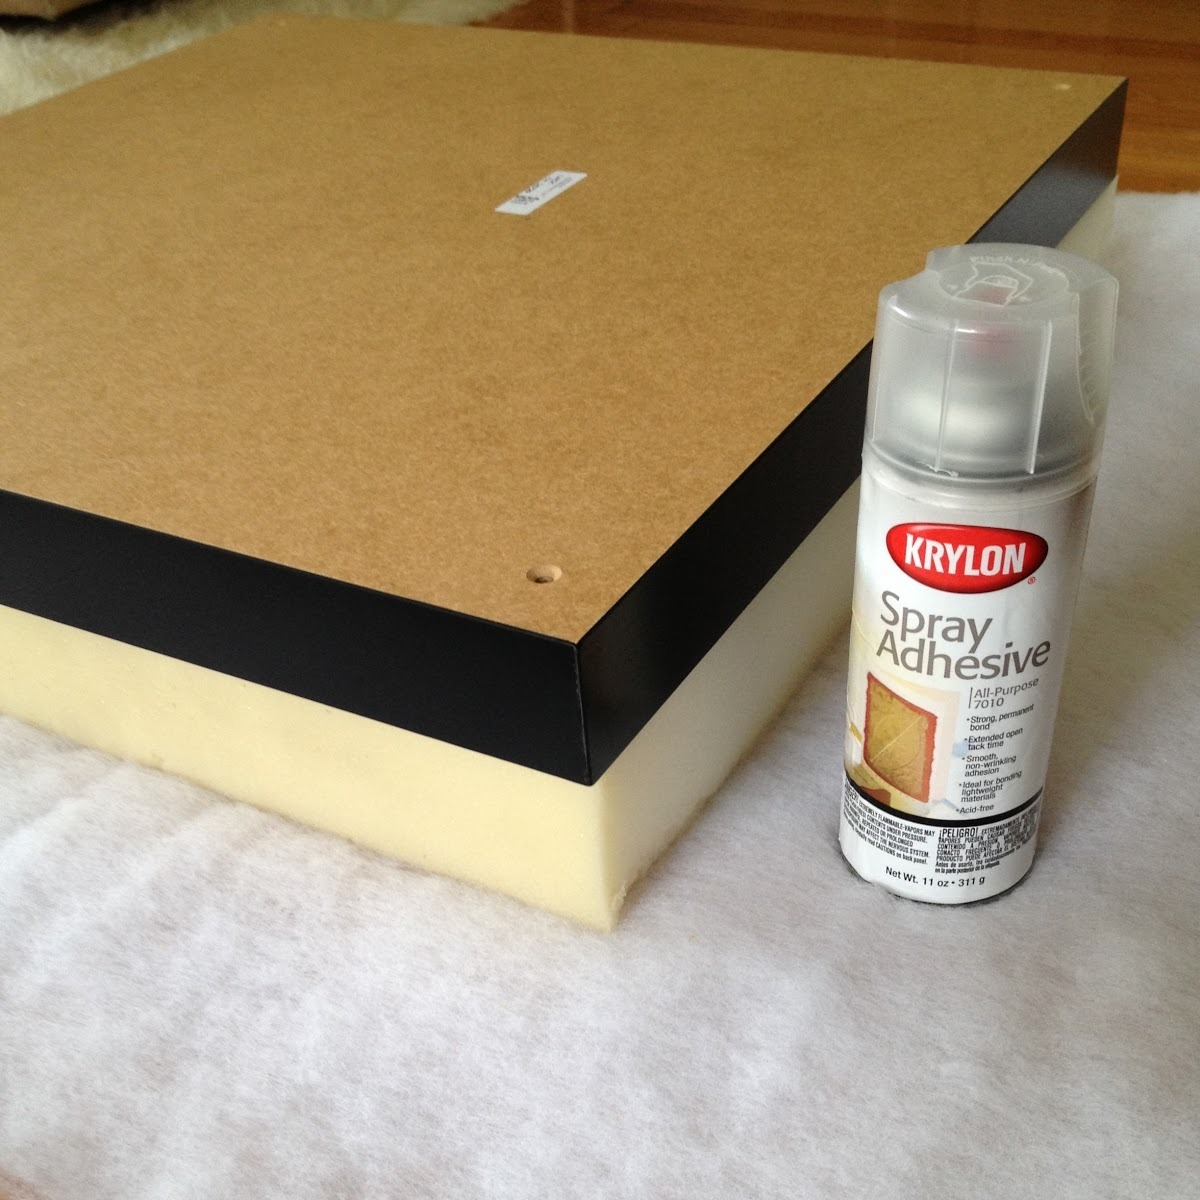 materiel bricolage ado idée chambre meuble à soi-même